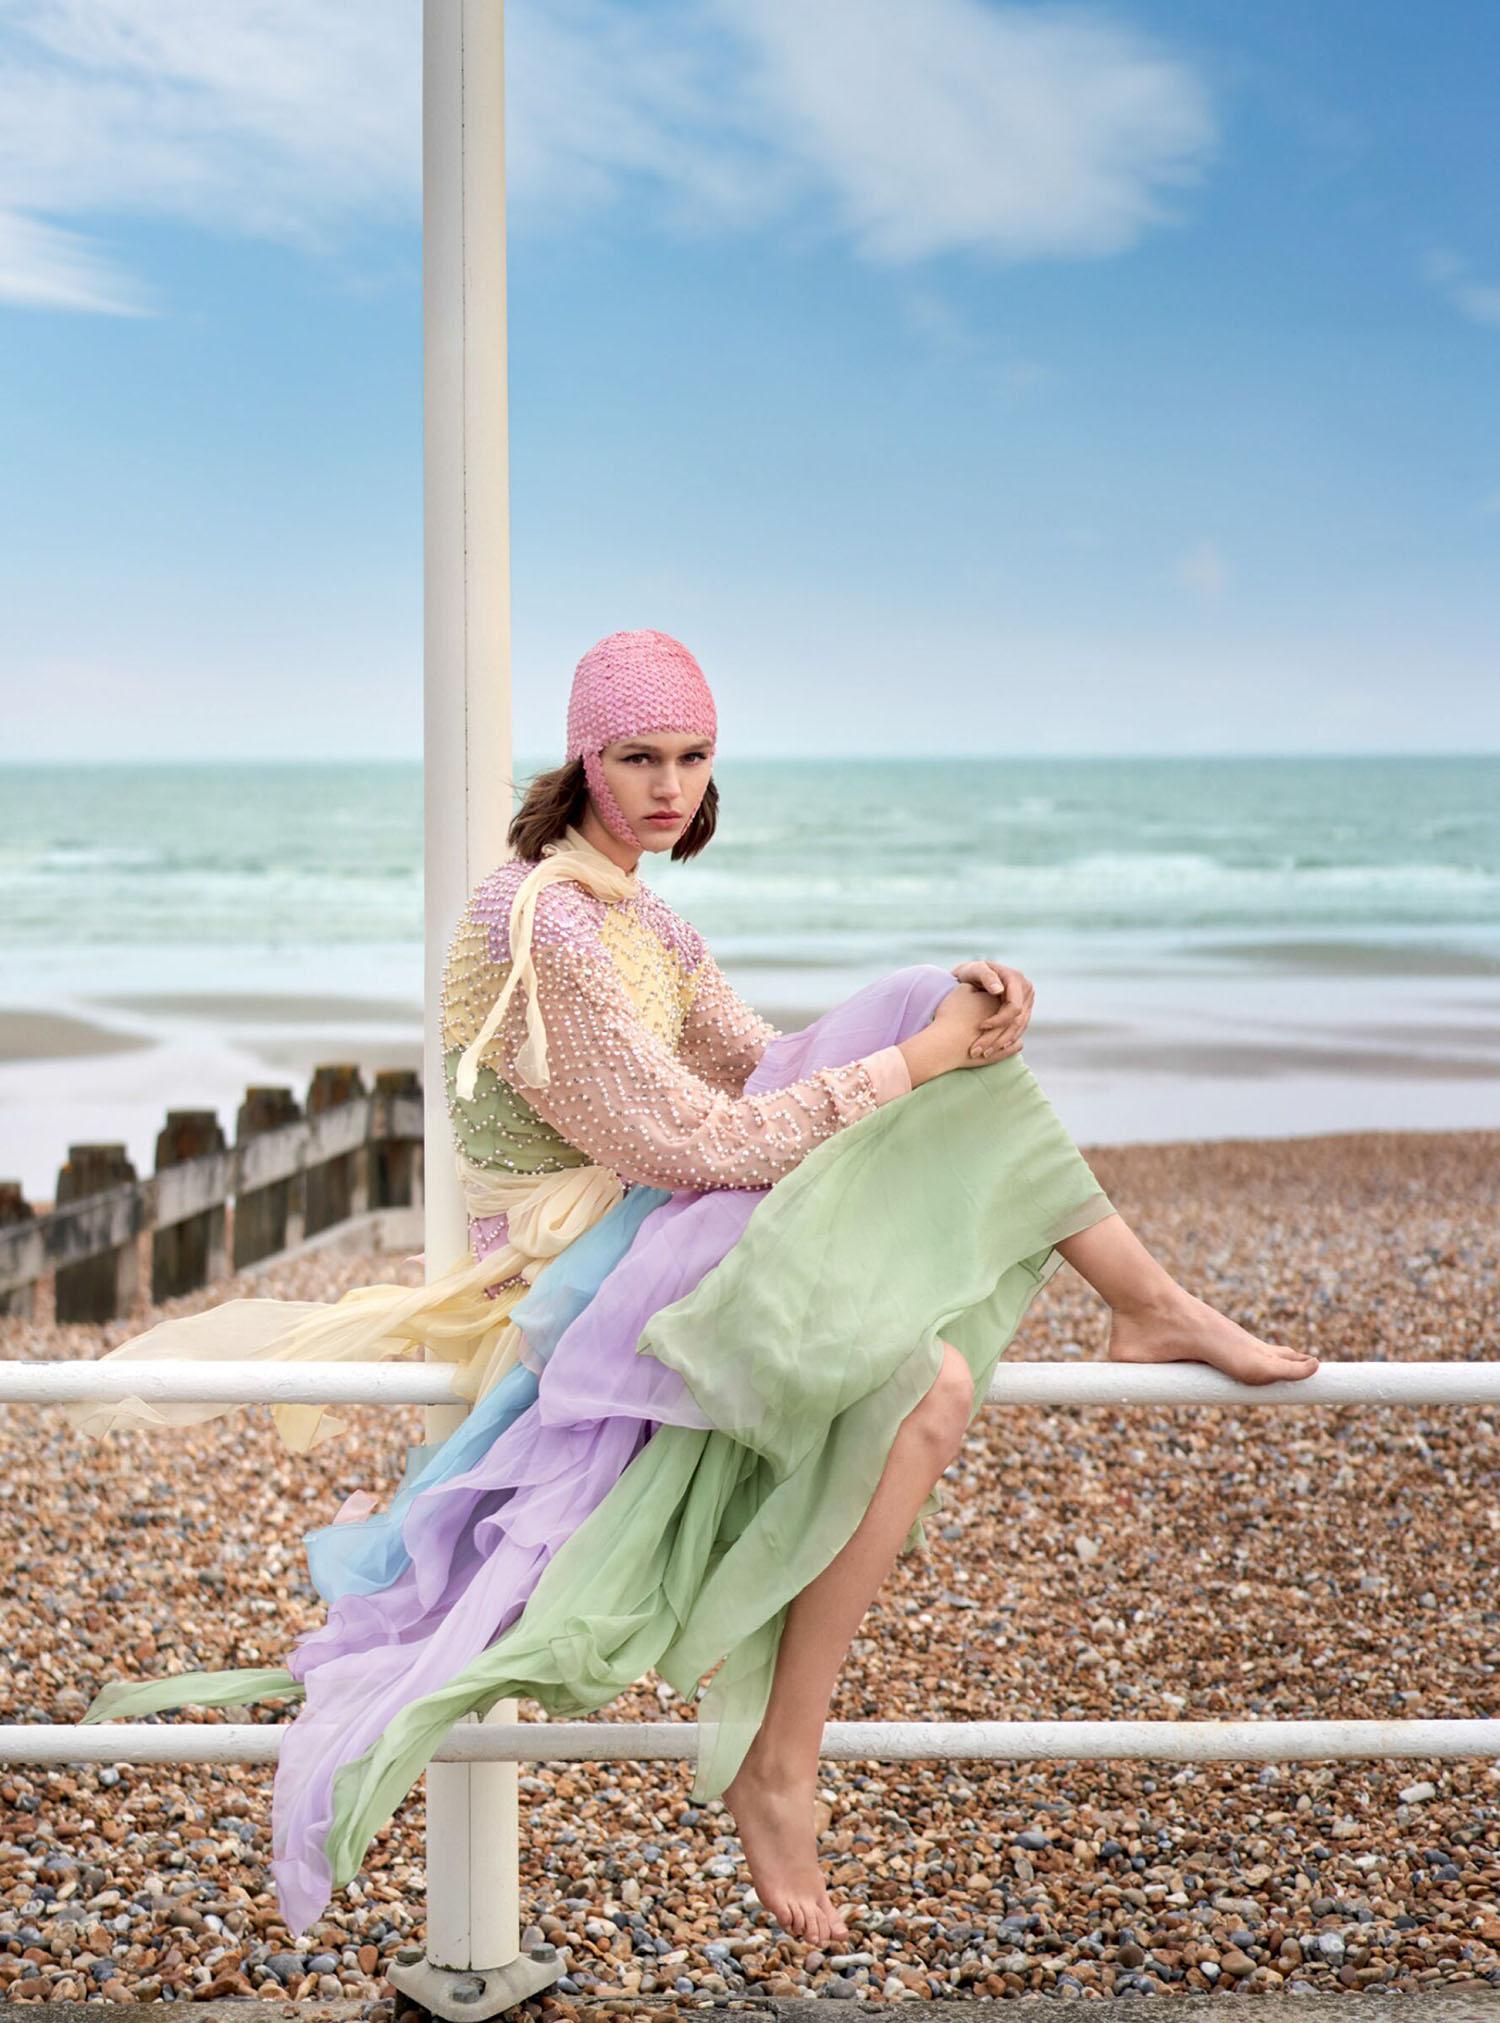 Natalie Ogg by Lynette Garland for Harper's Bazaar UK August 2021